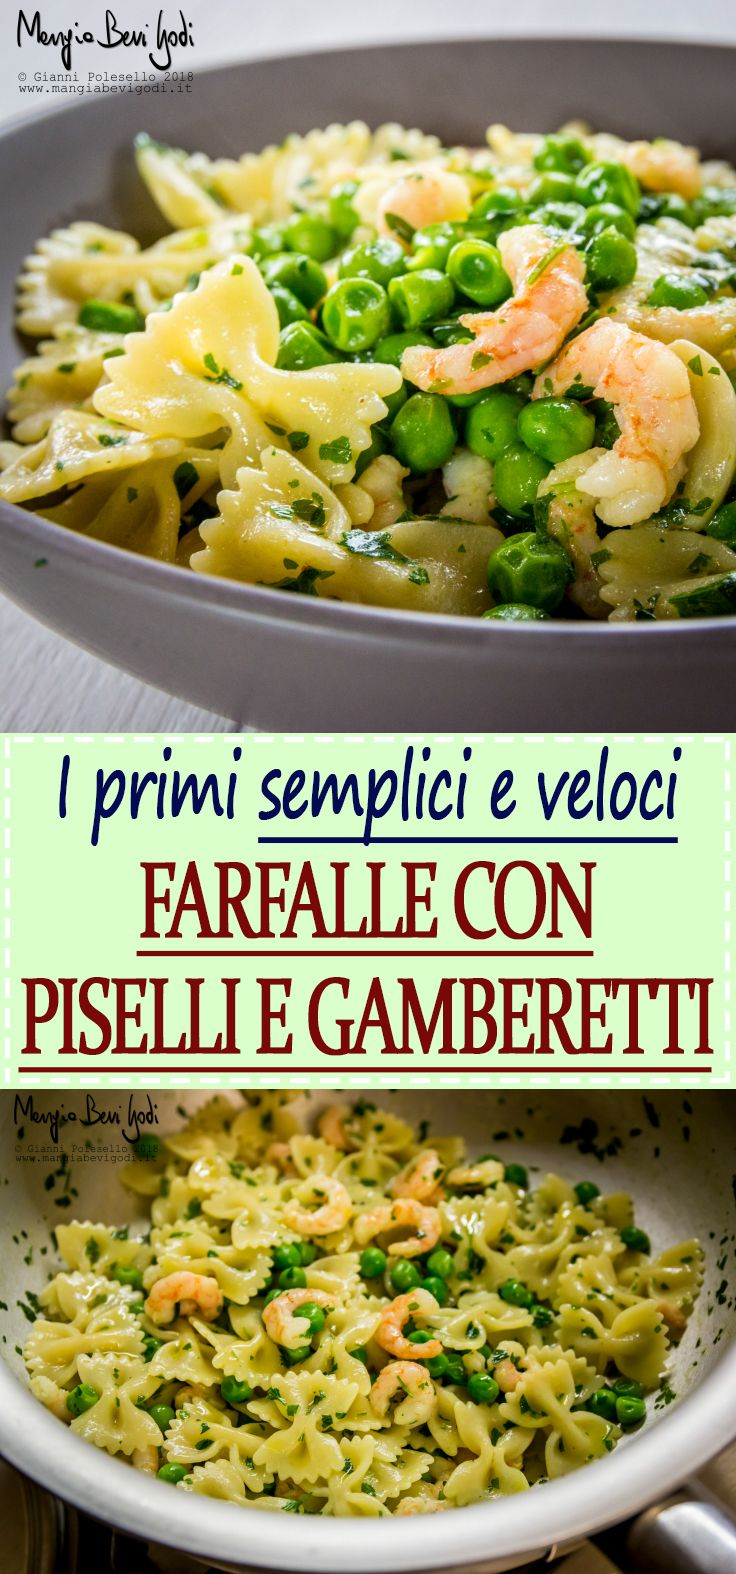 Un classico primo piatto di pasta primaverile a base di piselli surgelati e gamberetti.